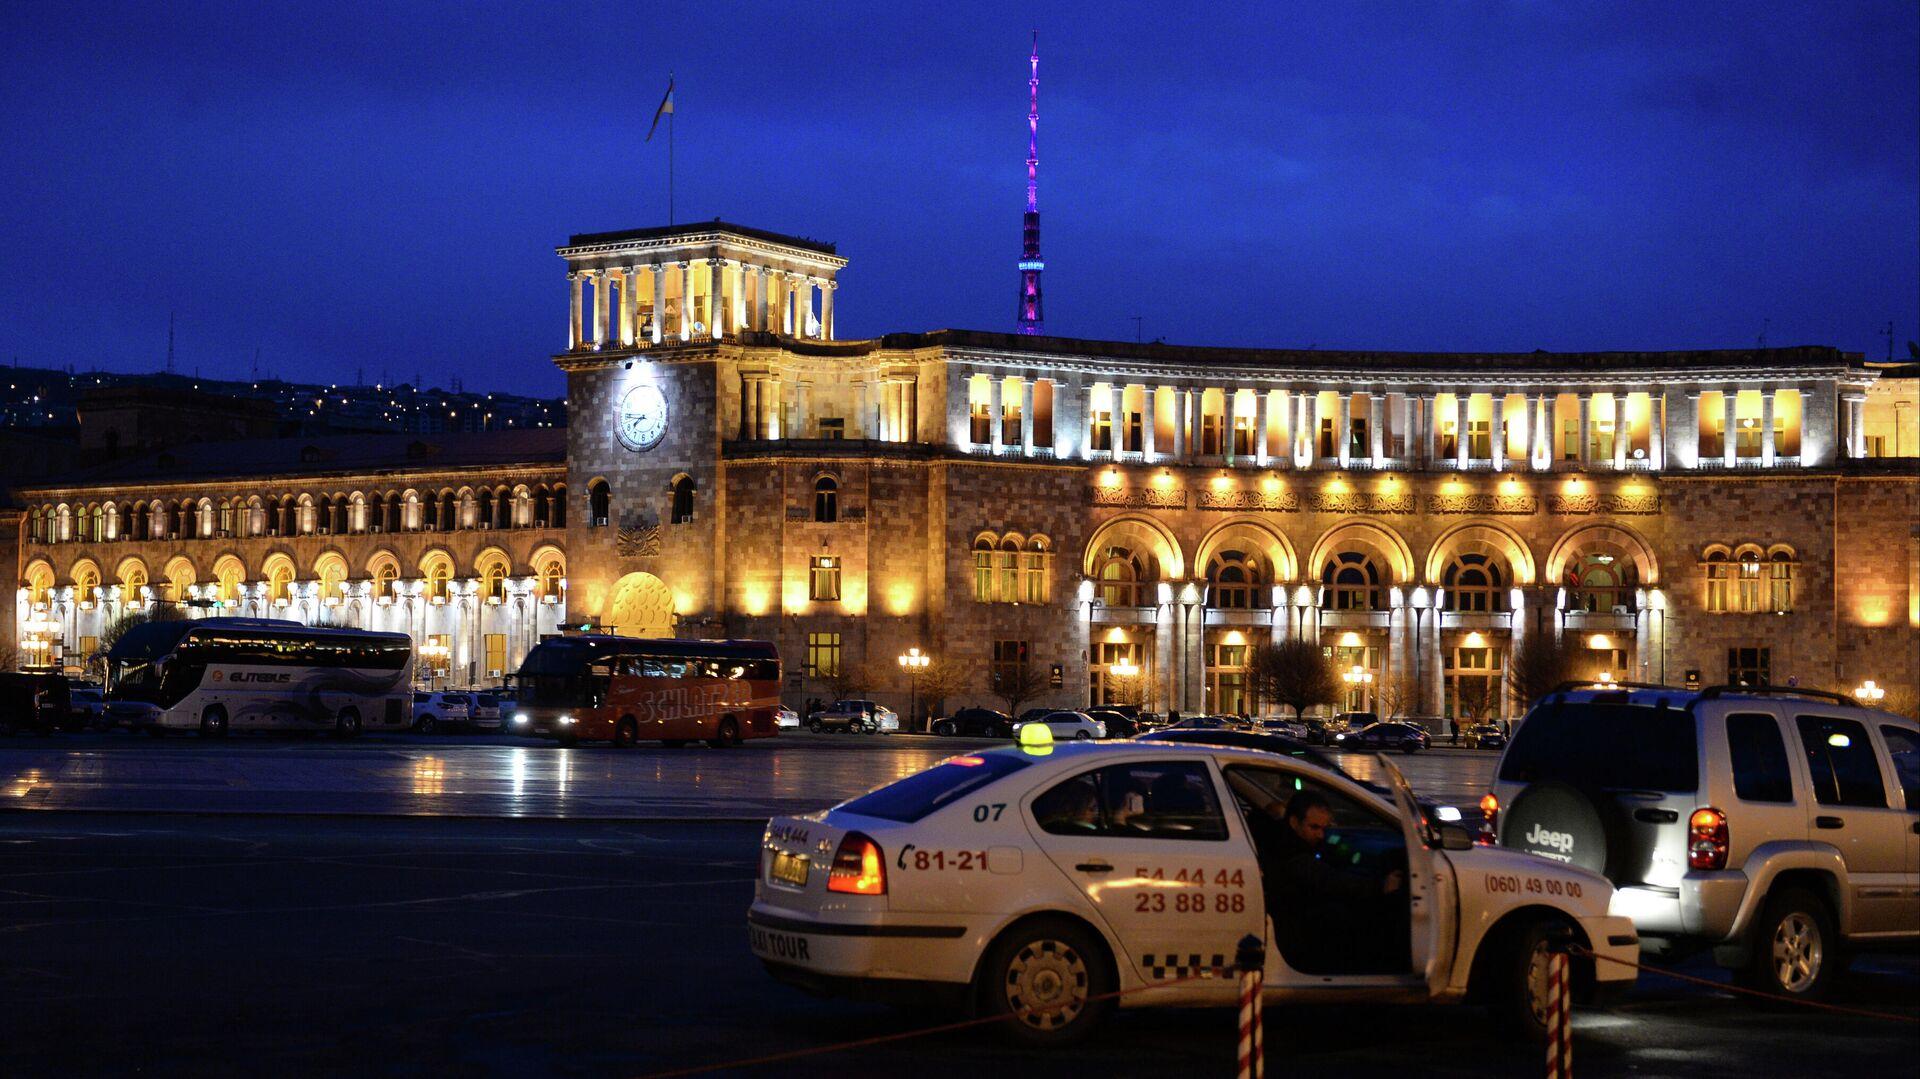 Площадь Республики в городе Ереване - РИА Новости, 1920, 30.07.2021